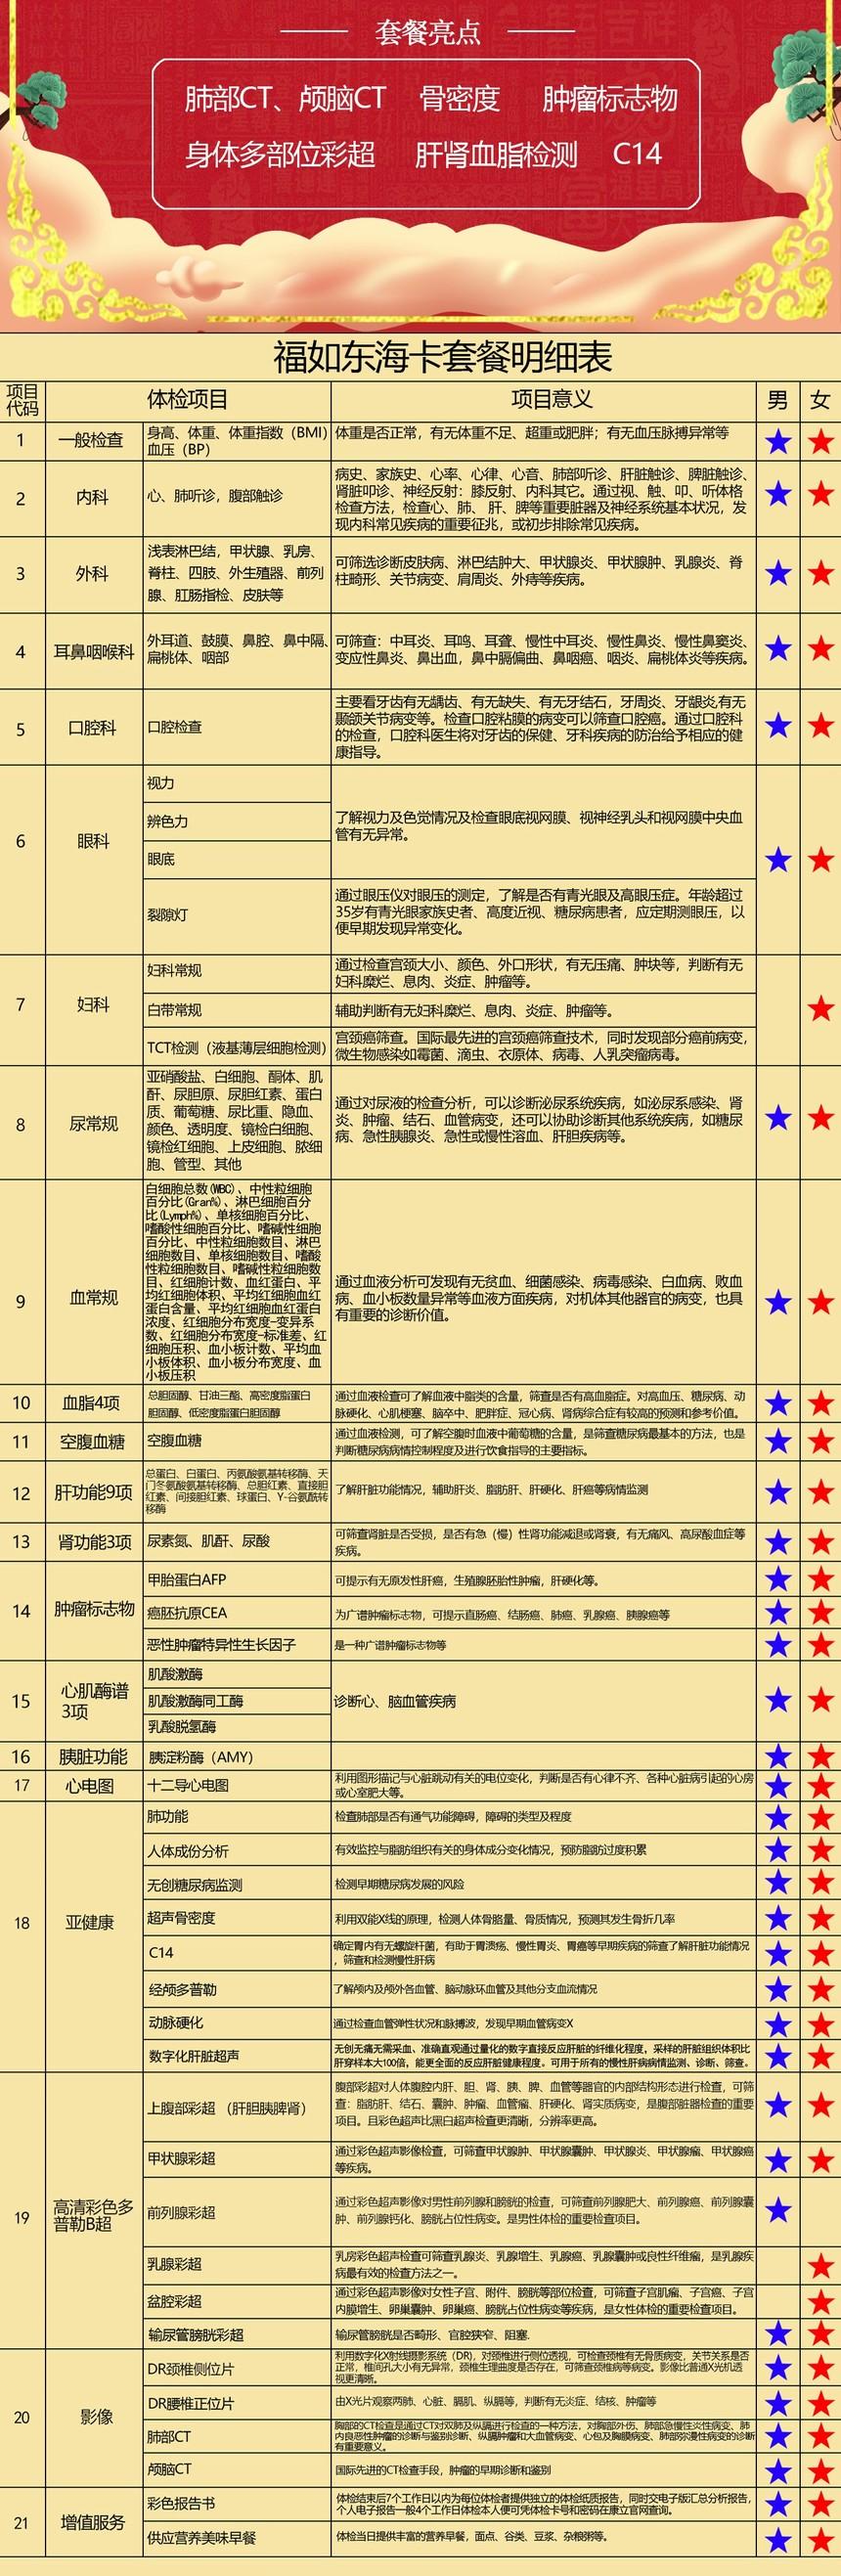 福如东海 副卡2000元 下图.jpg